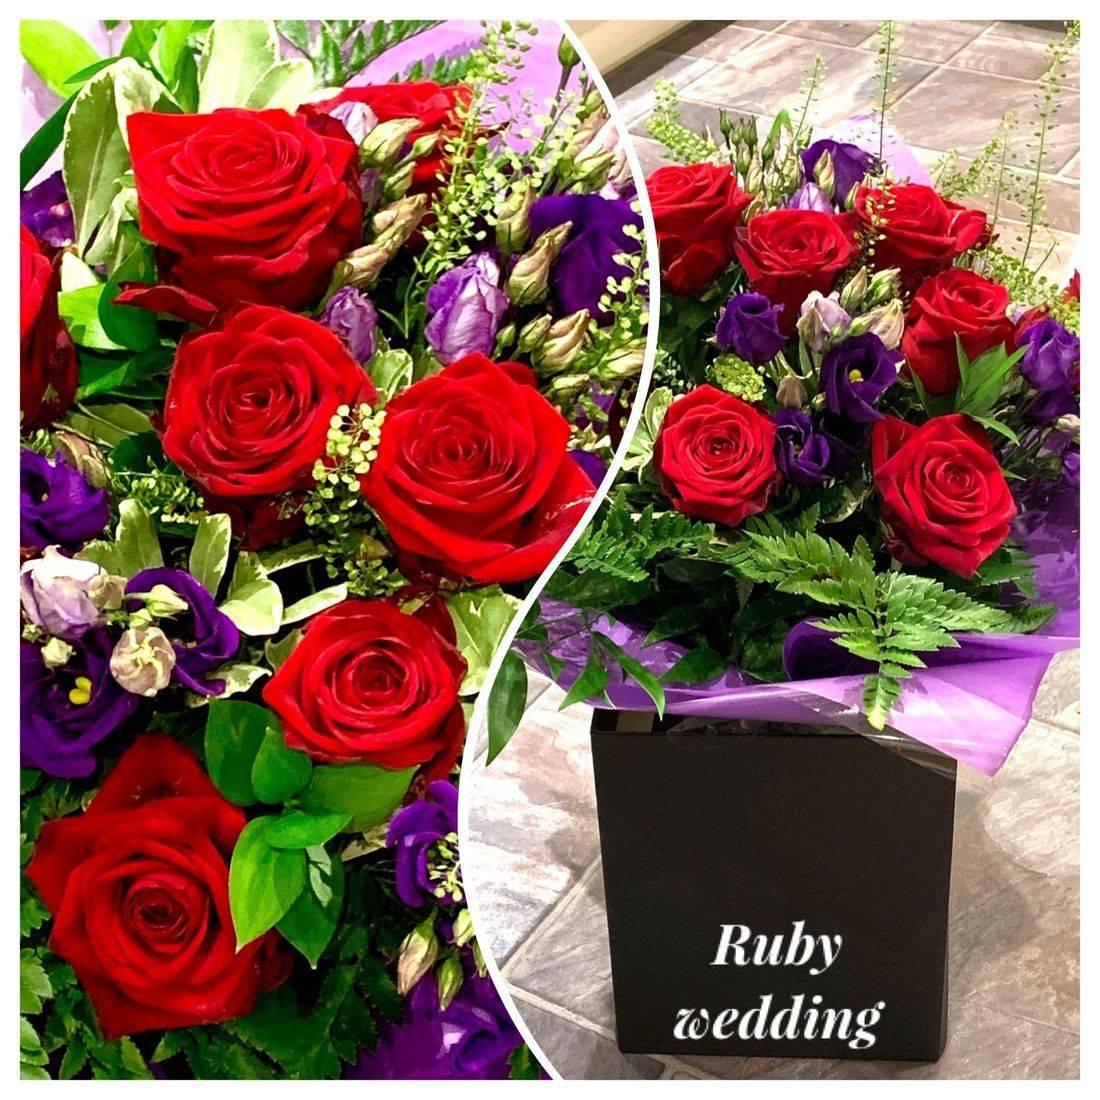 Handtie bouquet